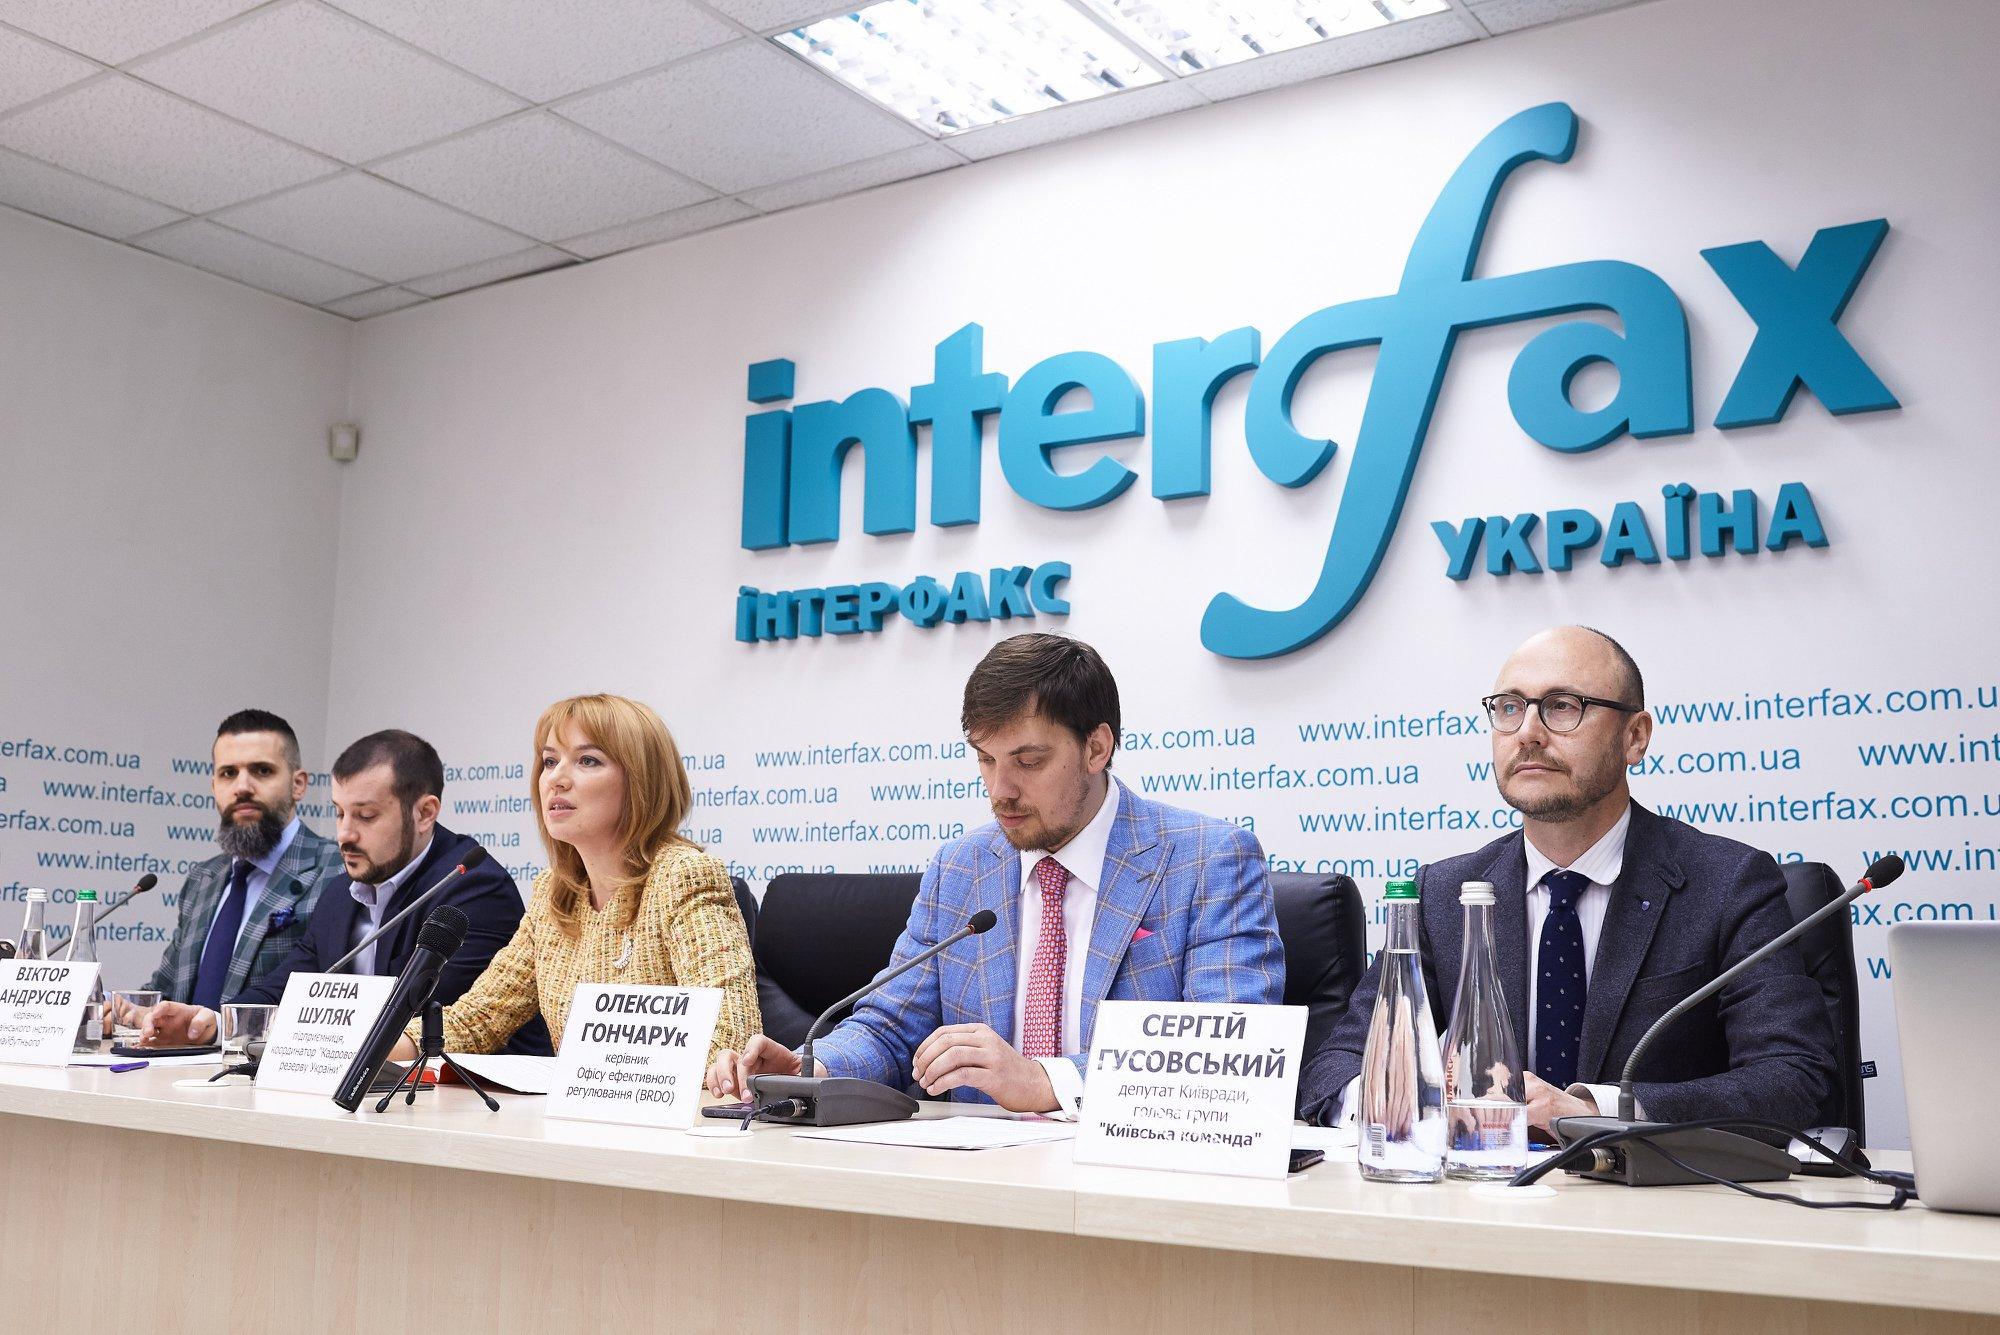 Елена Шуляк и Алексей Гончарук на пресс-конференции, фото: Facebook / Елена Шуляк